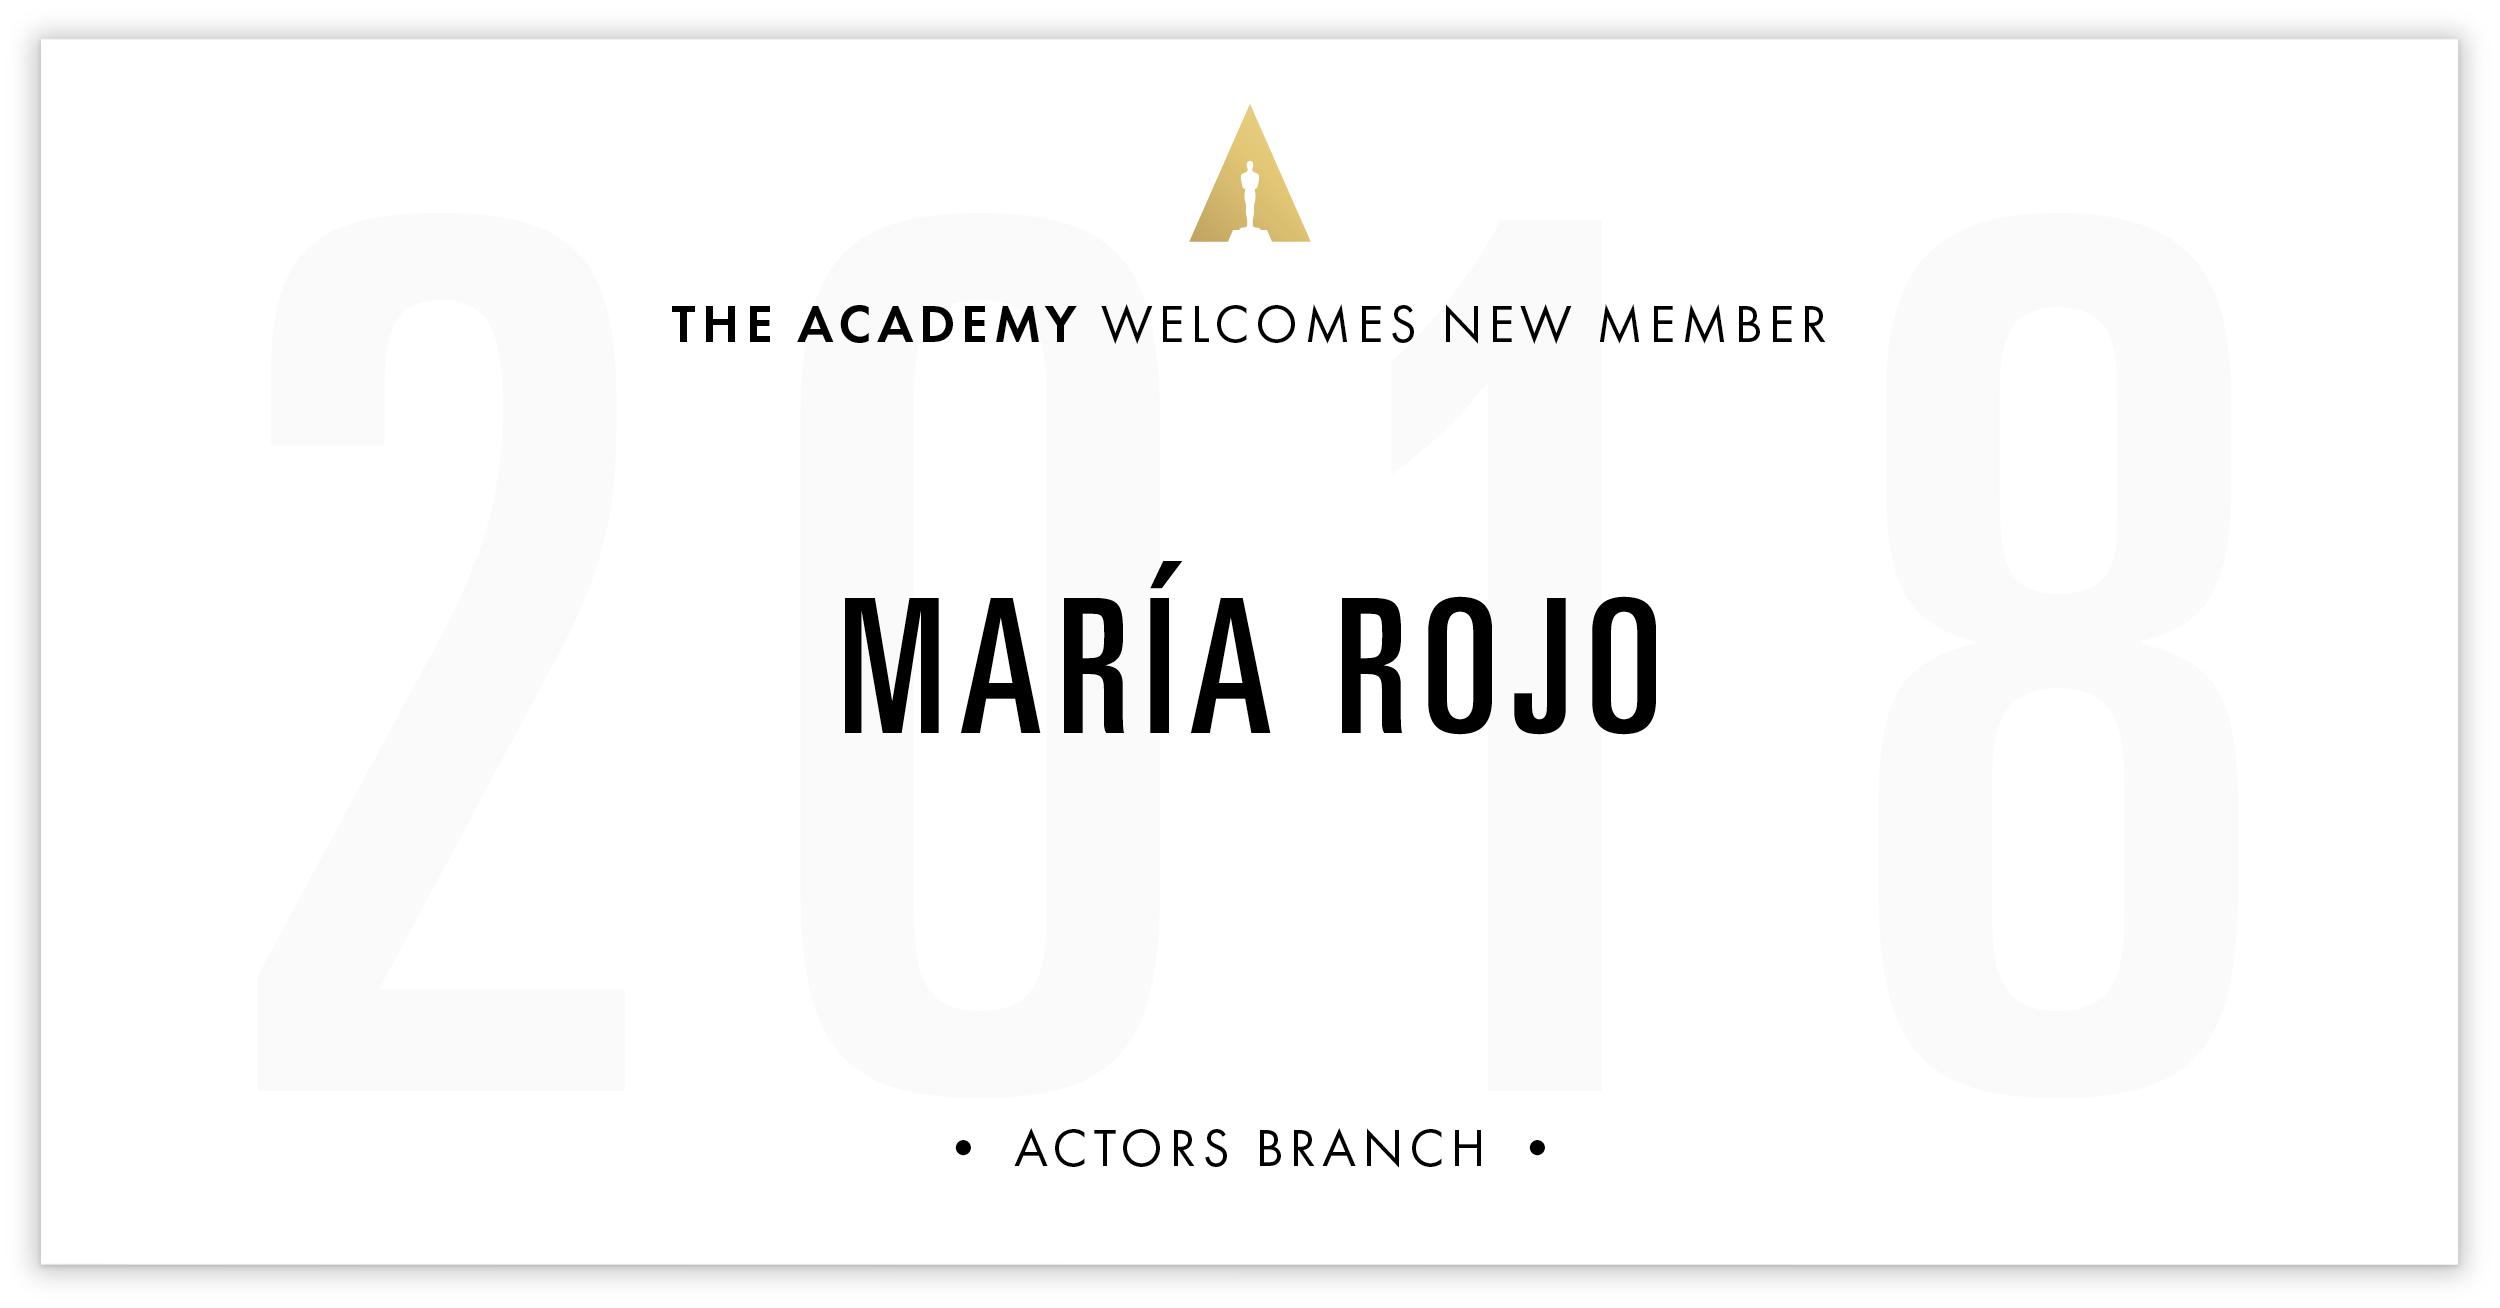 María Rojo is invited!